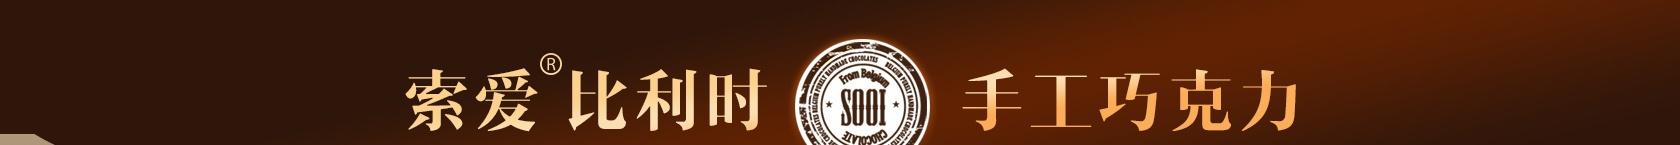 索爱比利时手工巧克力加盟